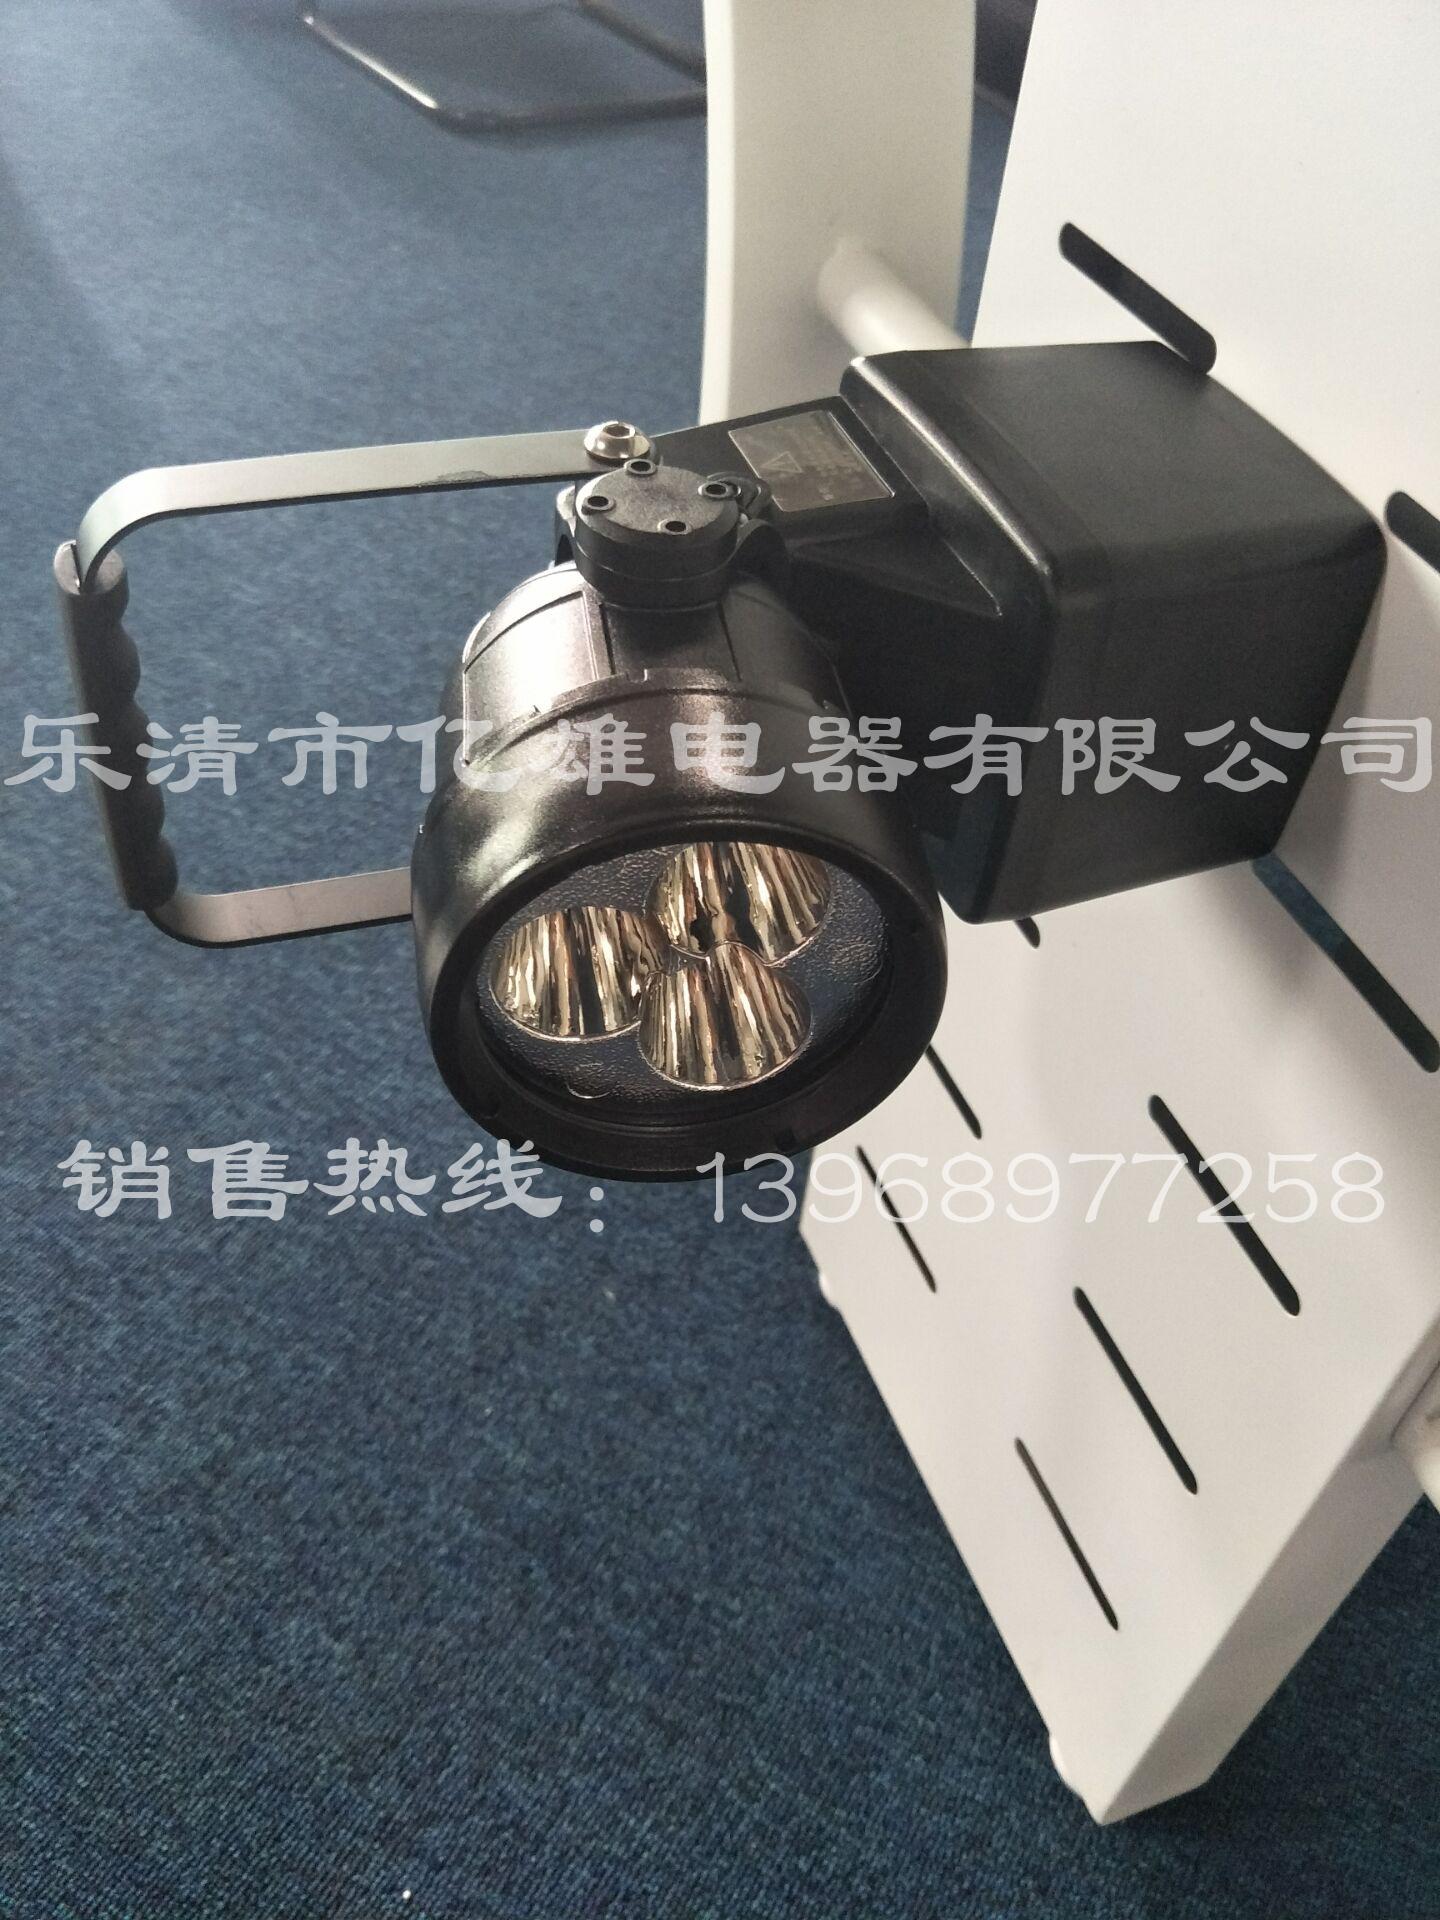 磁力座探照灯(亿雄)CBY5095带磁座led便携式照明灯磁性吸铁探照灯